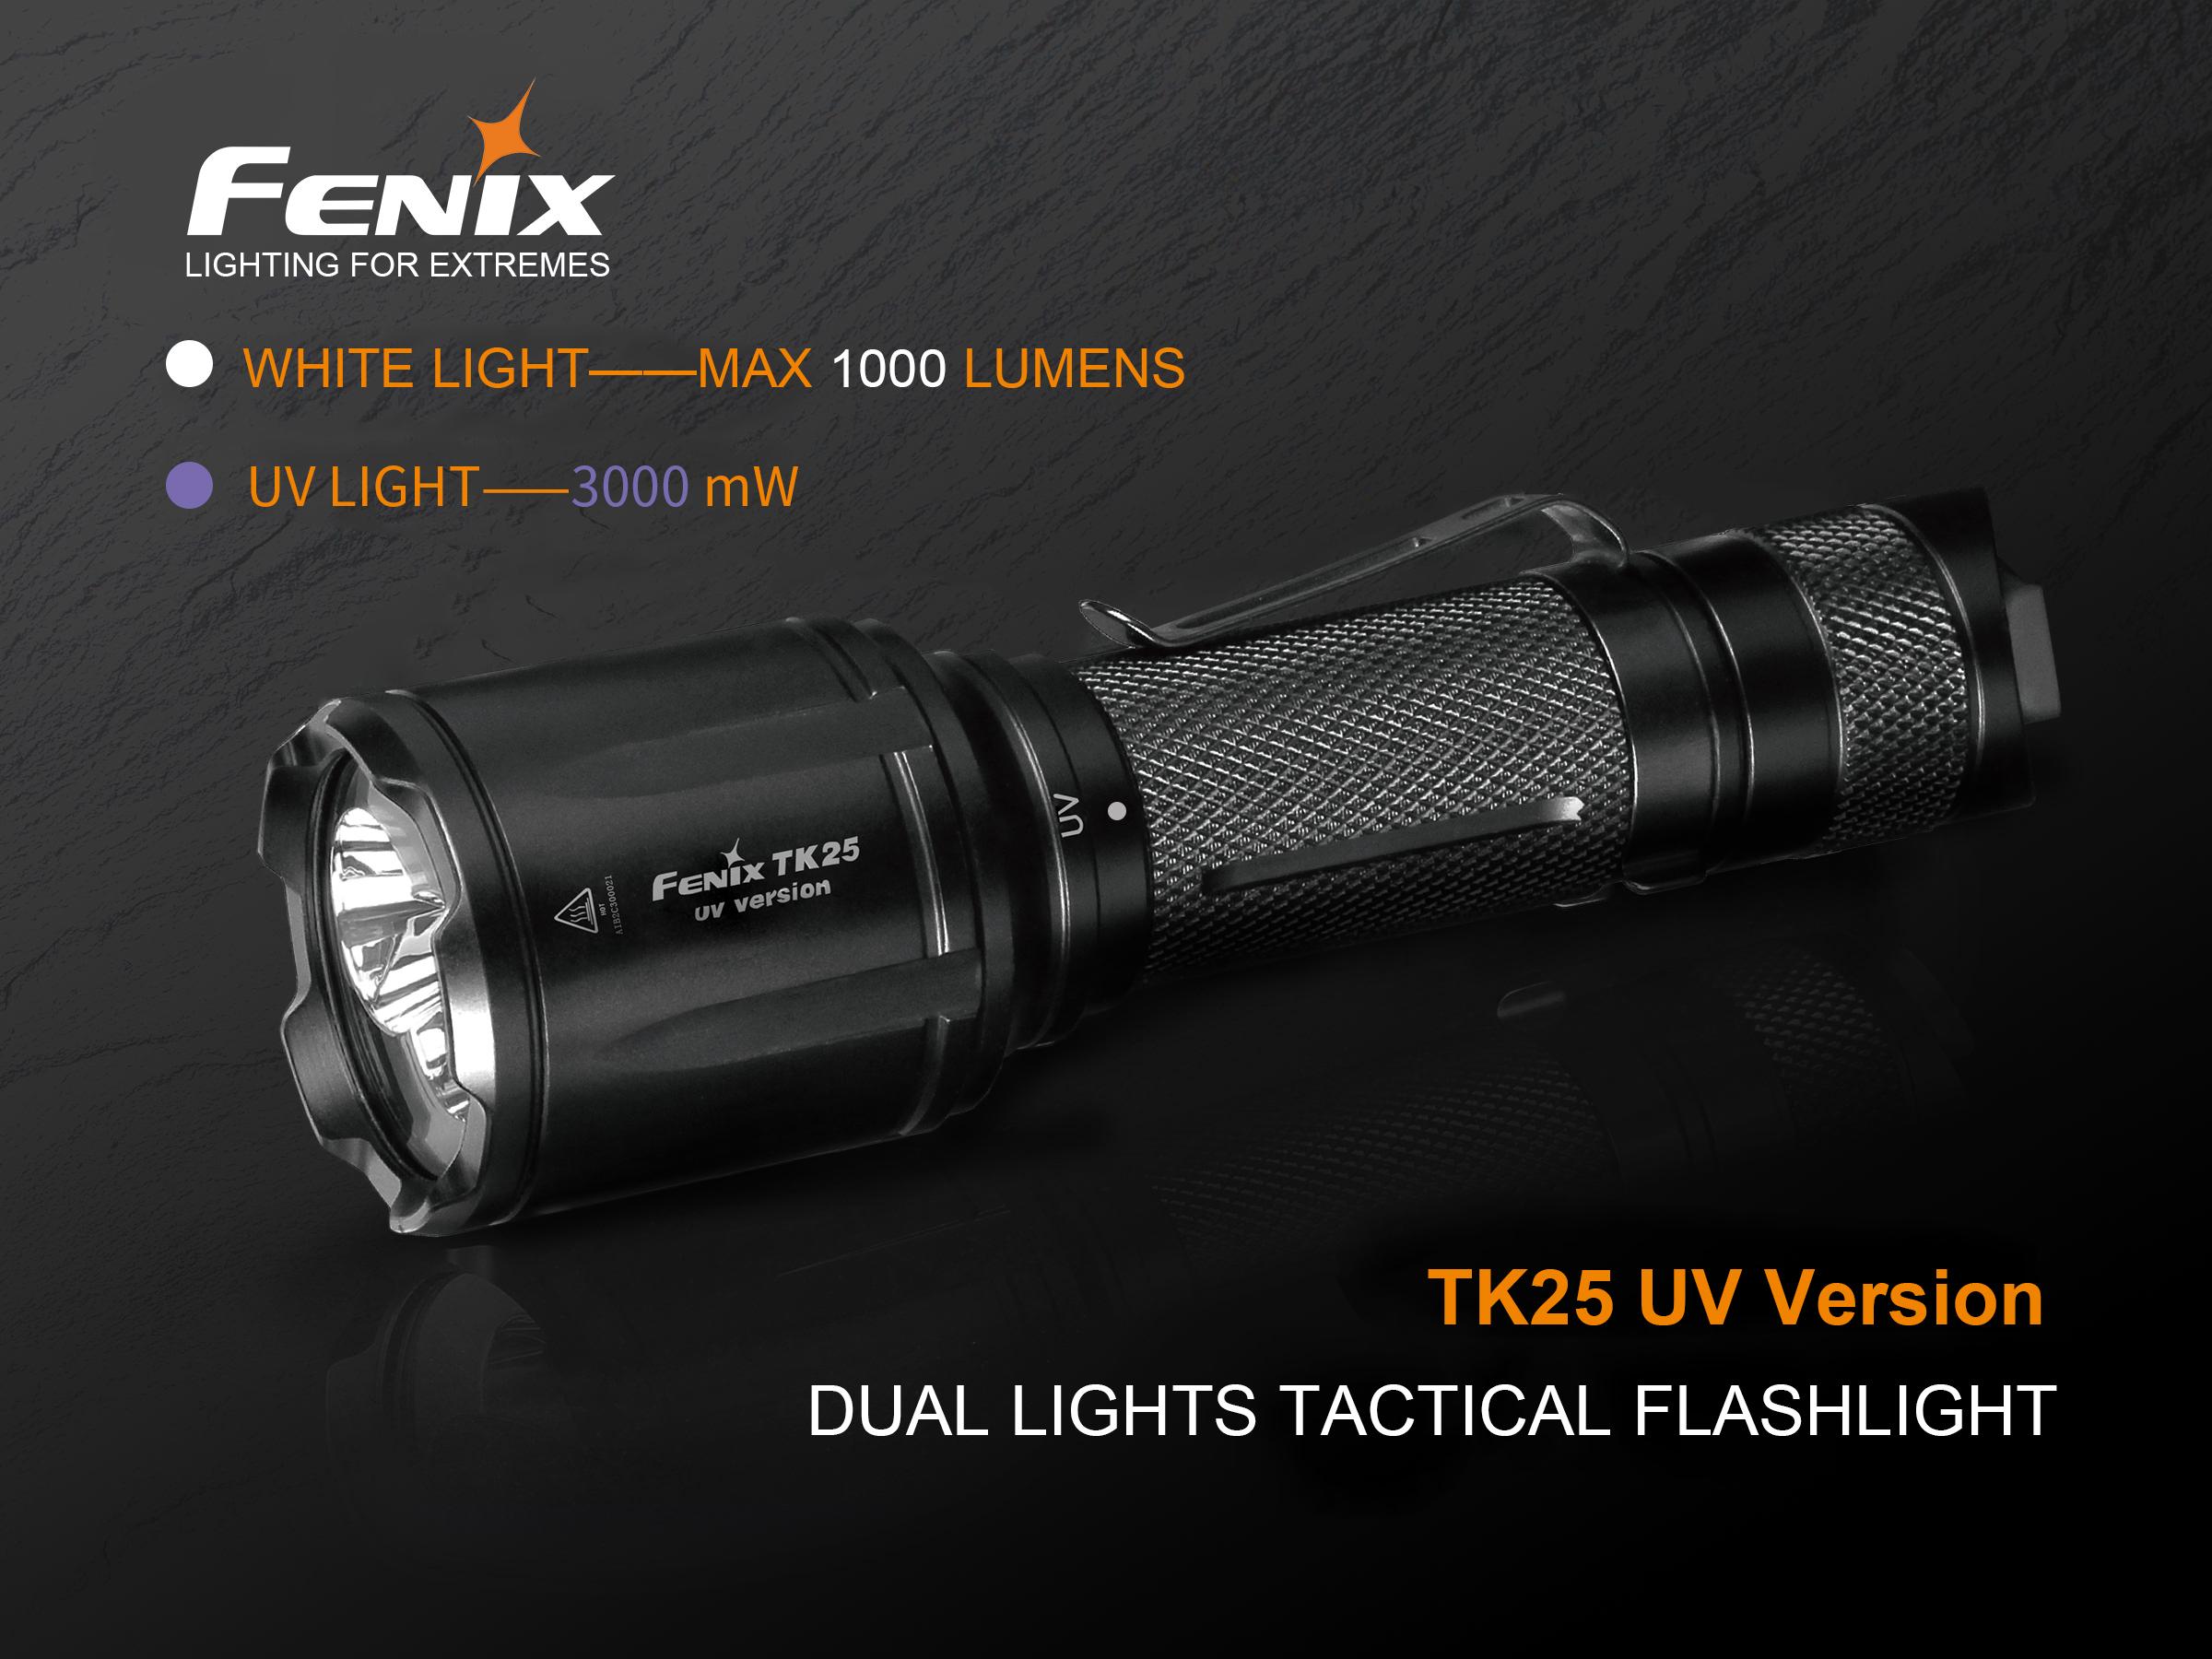 Uv Licht Kopen : Fenix tk25 uv ultra violet zaklamp met wit kopen? avtools